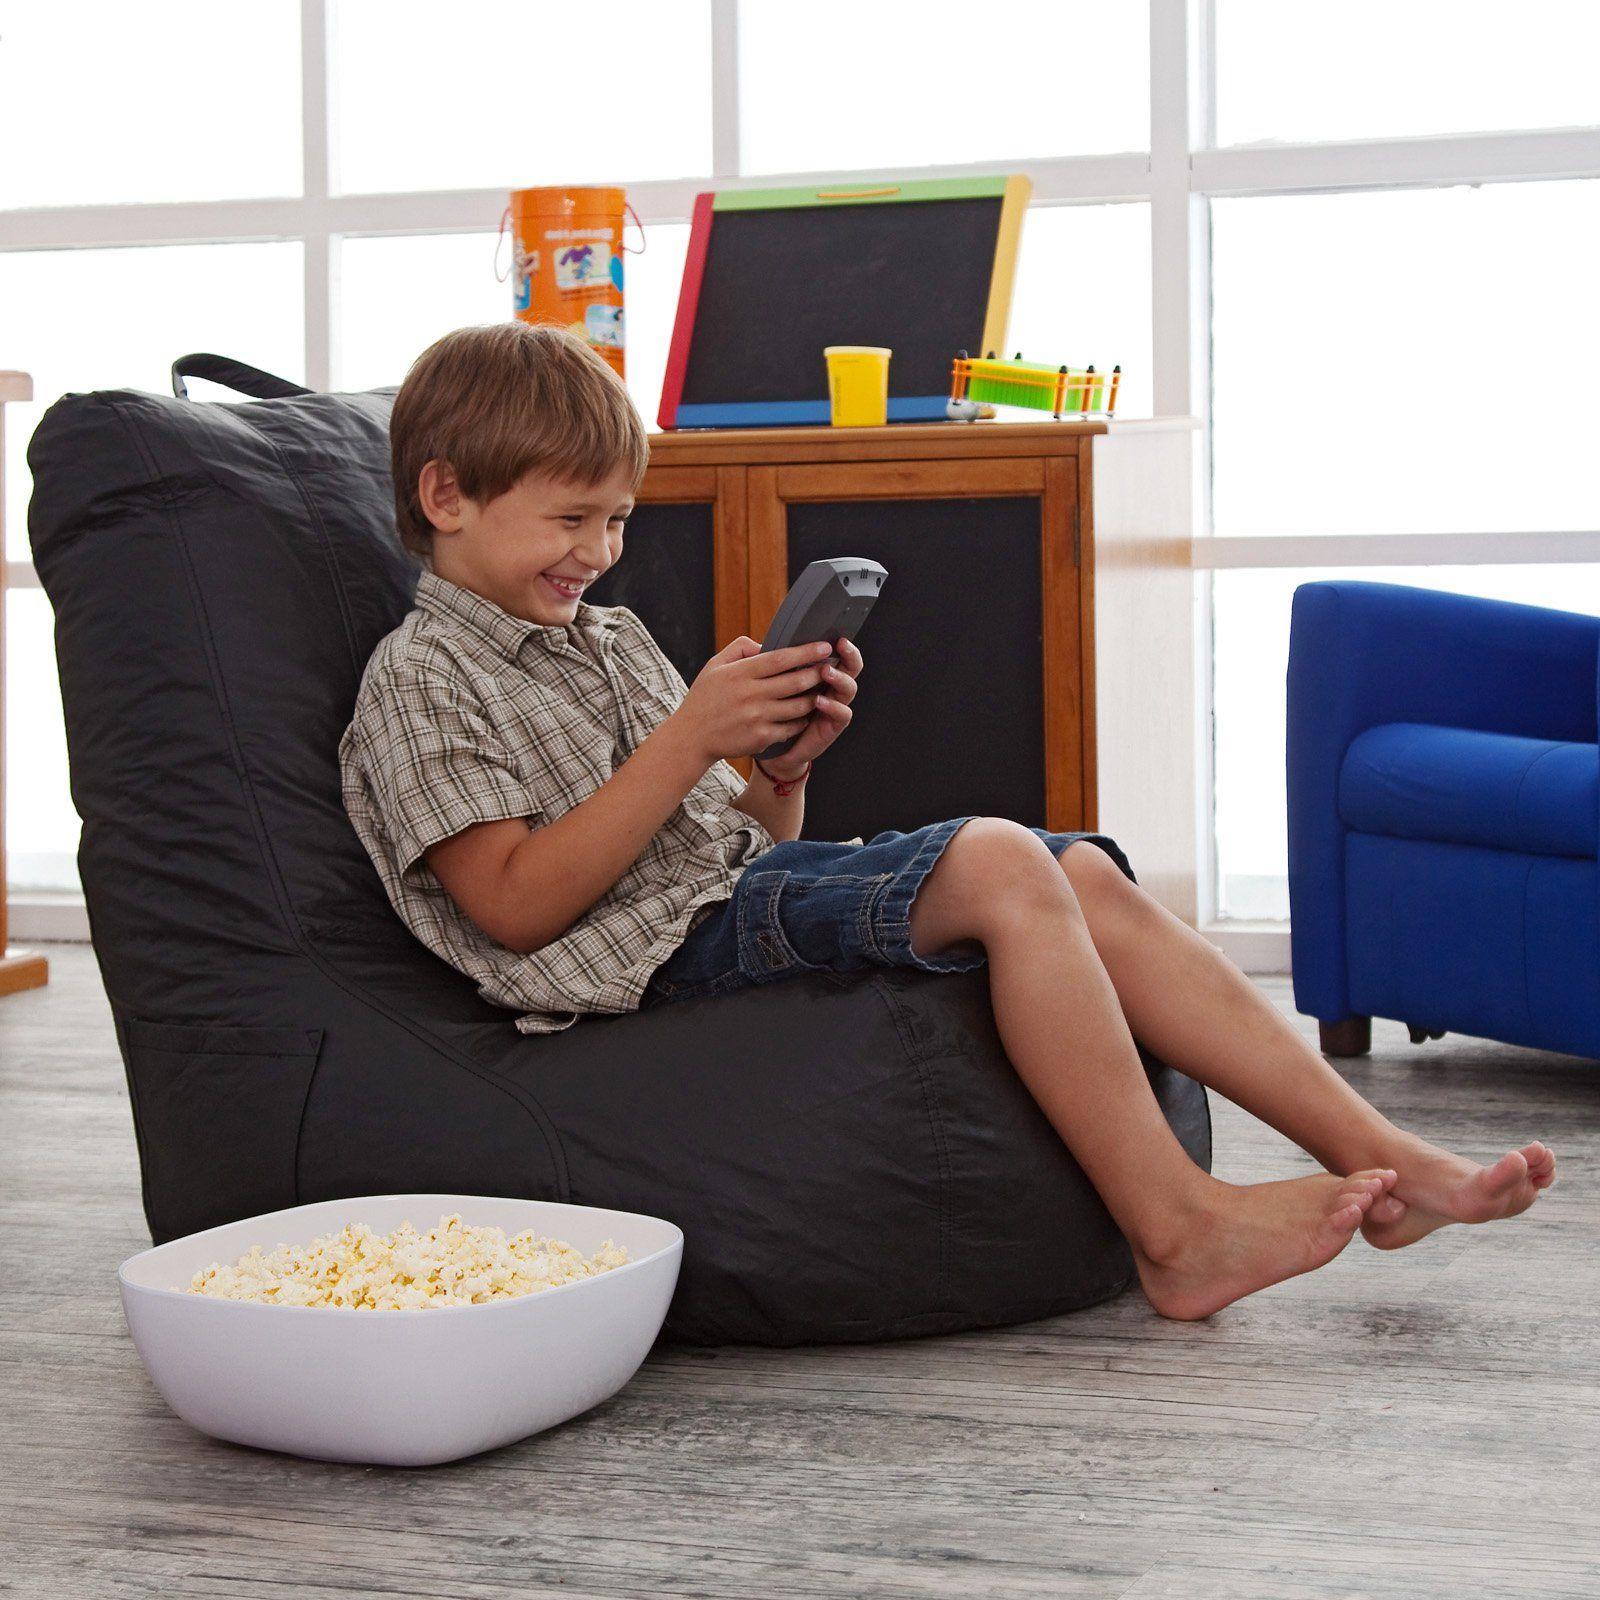 Vinyl Video Bean Bag Chair   Itu0027s Comfortable, Itu0027s Mobile, And Best Of  All, Itu0027s Super Durable! This Vinyl Video Bean Bag Chair Has A Great Angle  Built In.